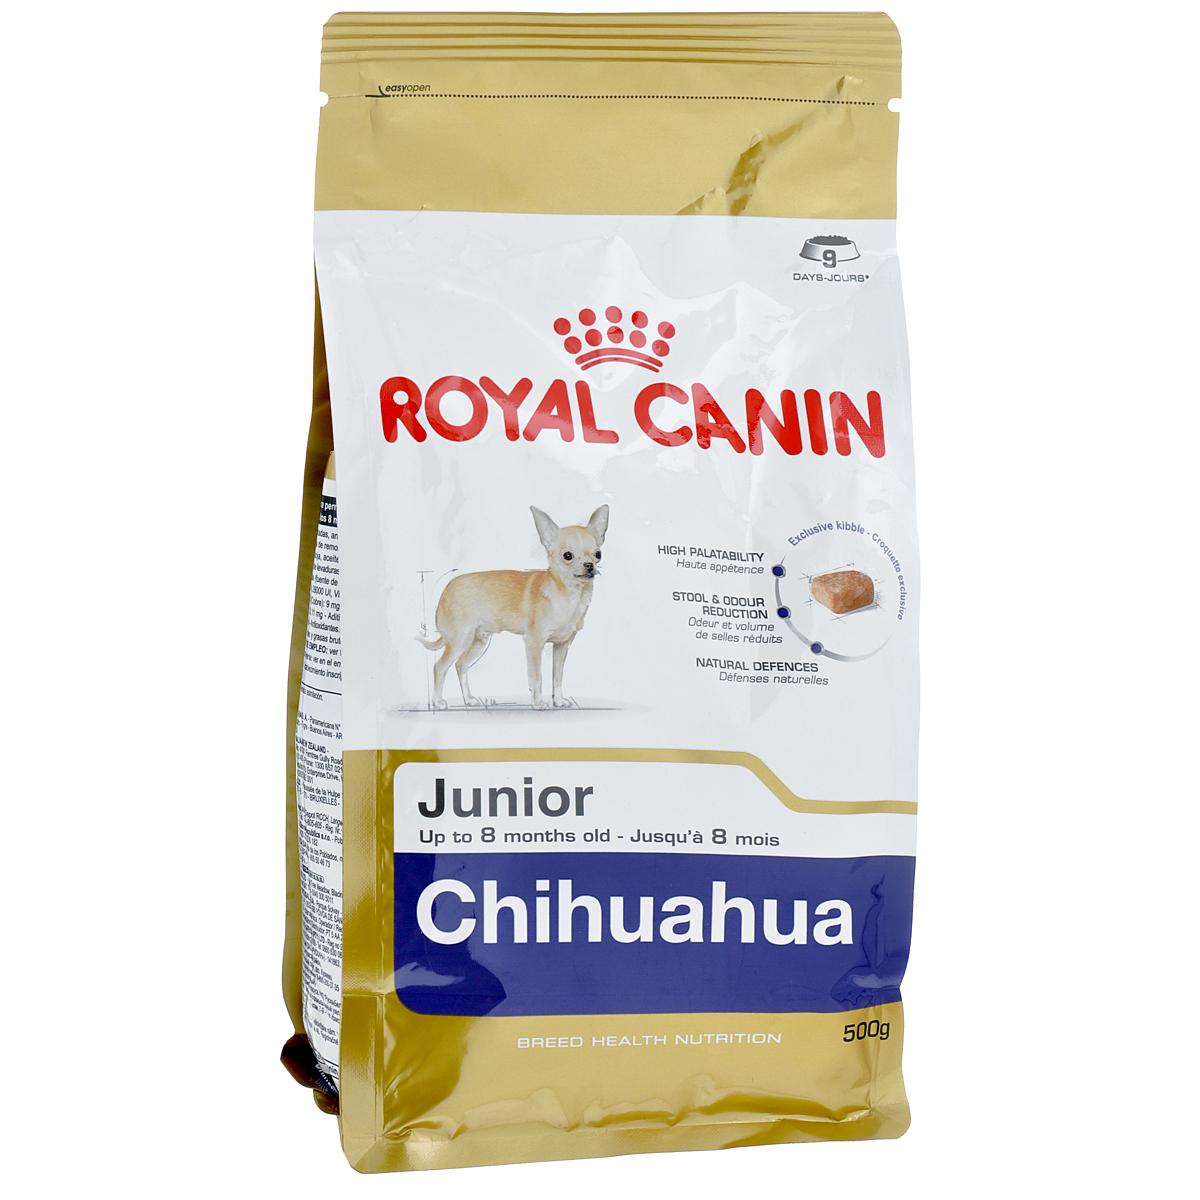 Корм сухой Royal Canin Chihuahua Junior, для щенков породы чихуахуа в возрасте до 8 месяцев, 500 г9186Сухой корм Royal Canin Chihuahua Junior - полнорационное питание для щенков породы чихуахуа в возрасте до 8 месяцев.Щенок чихуахуа нуждается в особенной заботе из-за своих миниатюрных размеров и природной хрупкости. Чихуахуа является самой маленькой породой собак. Они очень предрасположены к образованию зубного камня, таким образом гигиена зубов крайне важна для собак этой породы. Очень важно выбрать корм, крокеты которого имеют соответствующую форму. Chihuahua Junior можно заказать и купить онлайн или в специальных магазинах.Высокая вкусовая привлекательность.Благодаря отборным натуральным ароматам и специально адаптированным крокетам мелкого размера и текстуры, корм обладает максимальной аппетитностью даже для самых маленьких и привередливых щенков чихуахуа. Ослабление запаха стула.Корм для щенков чихуахуа снижает объем и ослабляет неприятный запах экскрементов. Поддержание естественных механизмов защиты.Комплекс антиоксидантов, обладающих синергичным действием (лютеин, таурин, витамины С и Е), укрепляет иммунную защиту щенка. Манноолигосахариды стимулируют производство антител. Специально для миниатюрных челюстей.Крокеты корма идеально подходят для крошечных челюстей щенка чихуахуа.Состав: дегидратированные белки животного происхождения (птица), рис, животные жиры, кукуруза, изолят растительных белков, свекольный жом, гидролизат белков животного происхождения, минеральные вещества, соевое масло, рыбий жир, растительная клетчатка, фруктоолигосахариды, гидролизат дрожжей (источник мaннановых олигосахаридов), экстракт бархатцев прямостоячих (источник лютеина).Добавки (в 1 кг): протеин — 30%,жир — 20%,клетчатка — 2%, таурин — 2000 мг%, кальций — 1,15%, натрий — 0,35%, магний — 0,07%, хлор — 0,5%, калий — 0,7%, йод — 5,6 мг, селен — 0,35 мг, медь — 22 мг, железо — 221 мг, марганец — 76 мг, цинк — 229 мг, витамин A — 29000 МЕ,витамин D3 — 800 МЕ, витамин E — 600 мг, ви